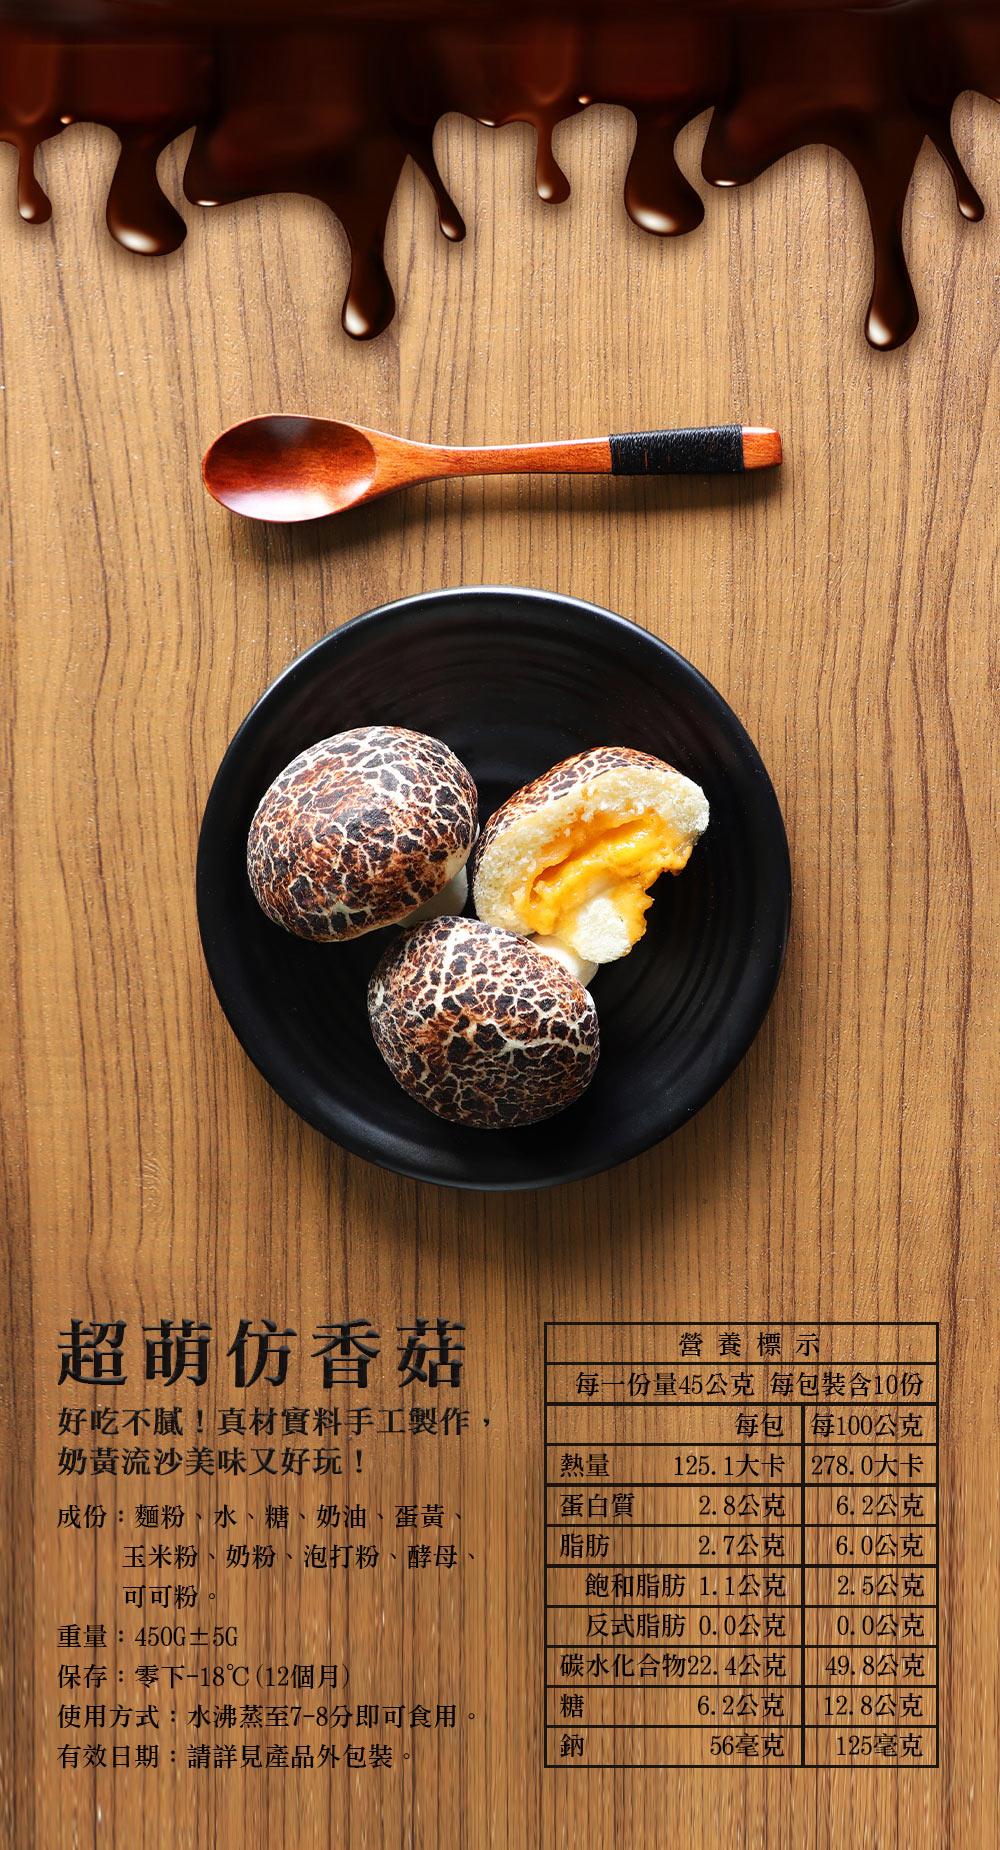 【築地一番鮮】(萌)香菇奶黃流沙包4包組(10顆 / 450g / 包) 5